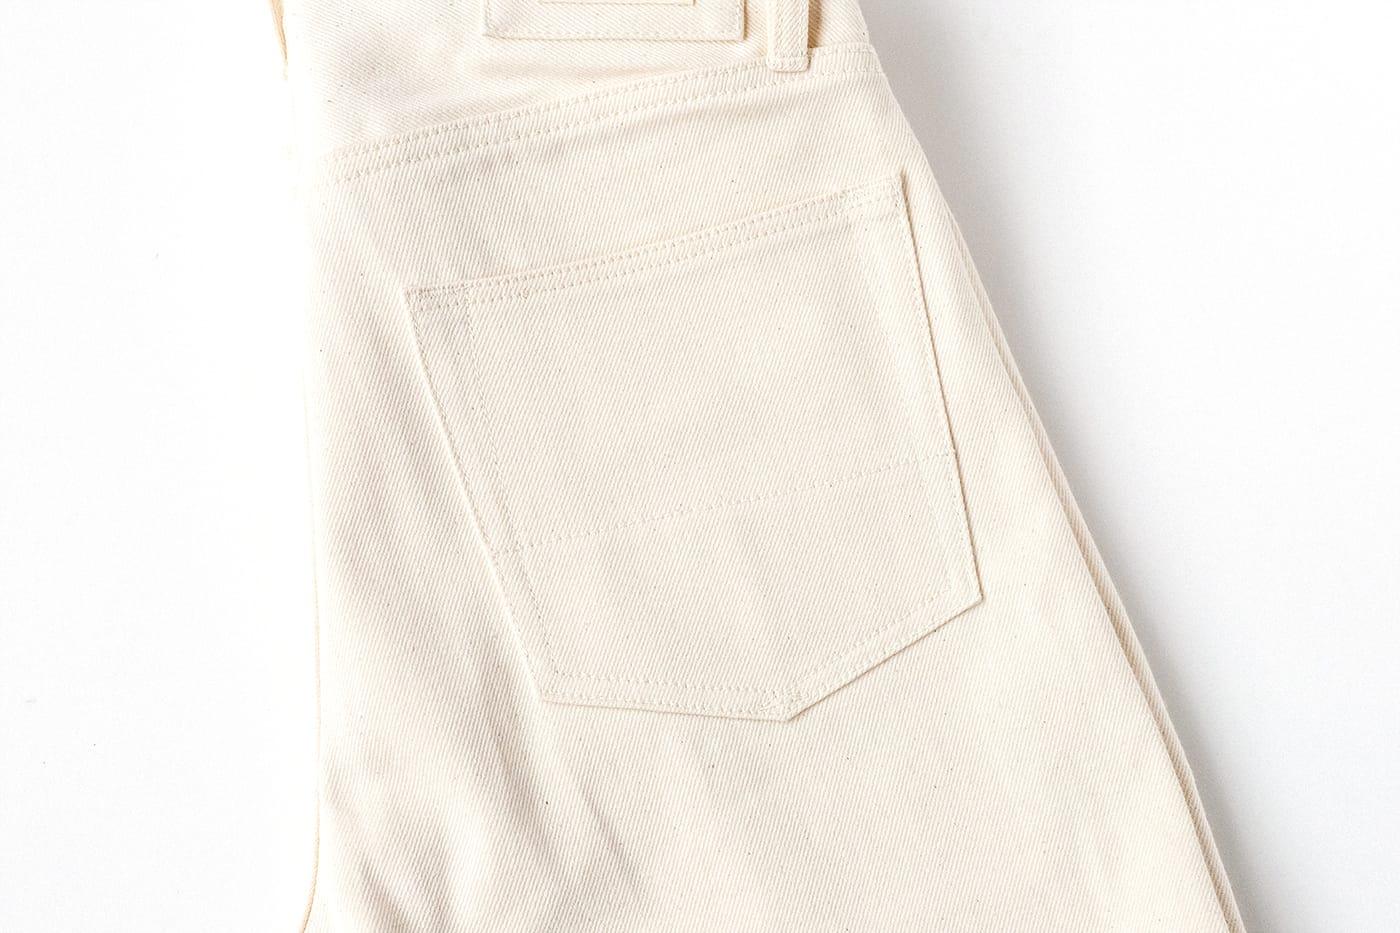 ブラックホースレーン アトリエ ホワイトデニム 横一文字でステッチングされたバックポケット内には補強布を採用